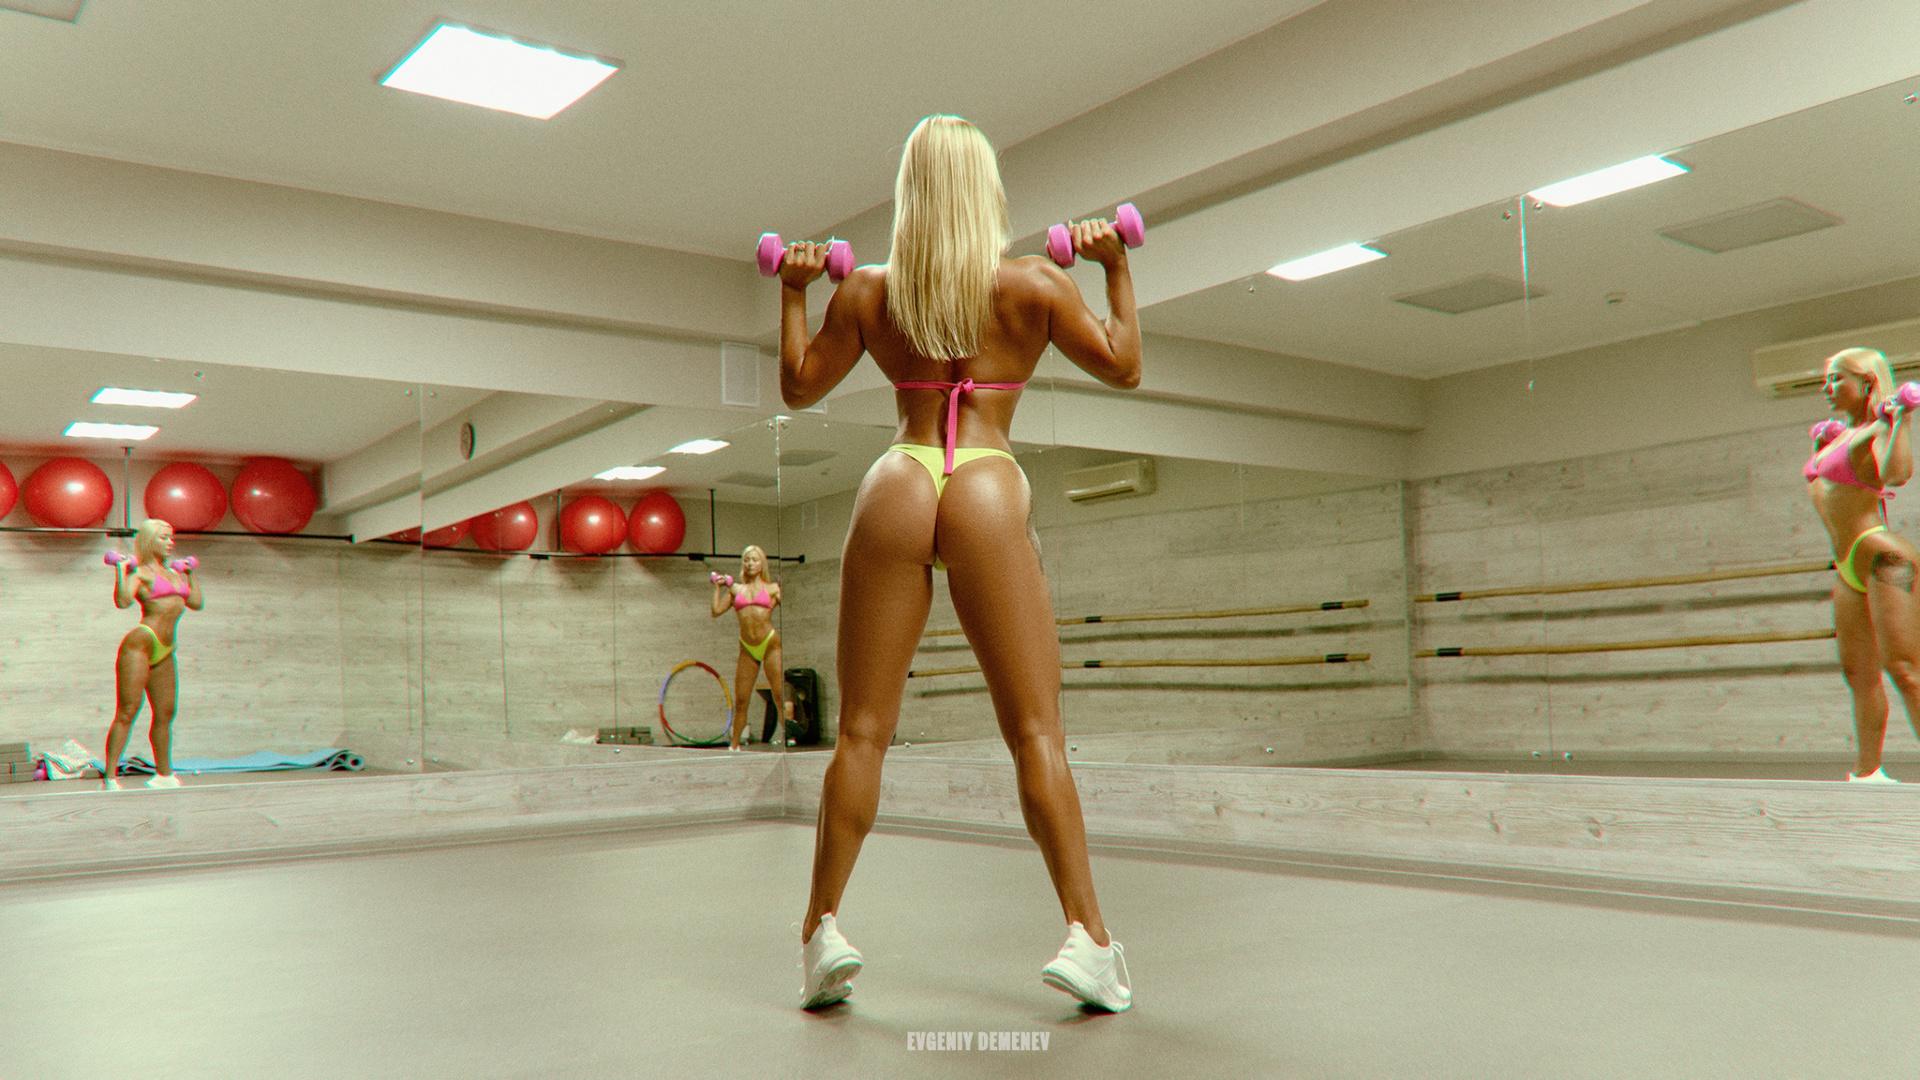 evgenyi demenev, спорт, девушка,вид,попка,секси,упражнения,зал